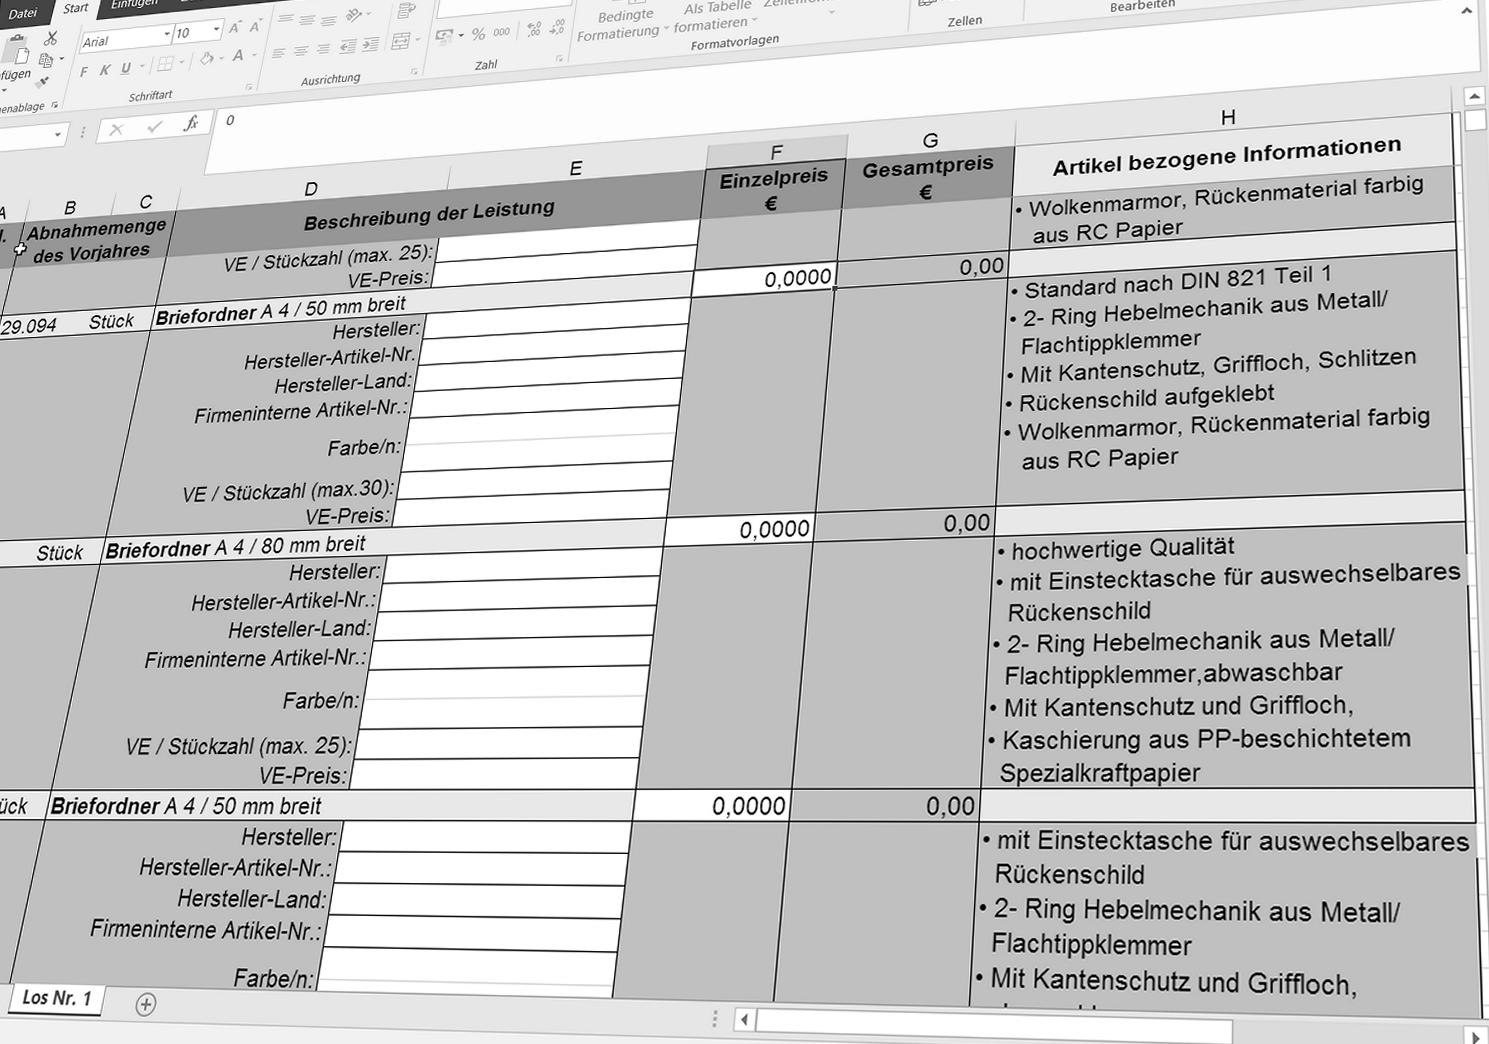 RIB Excel-LV